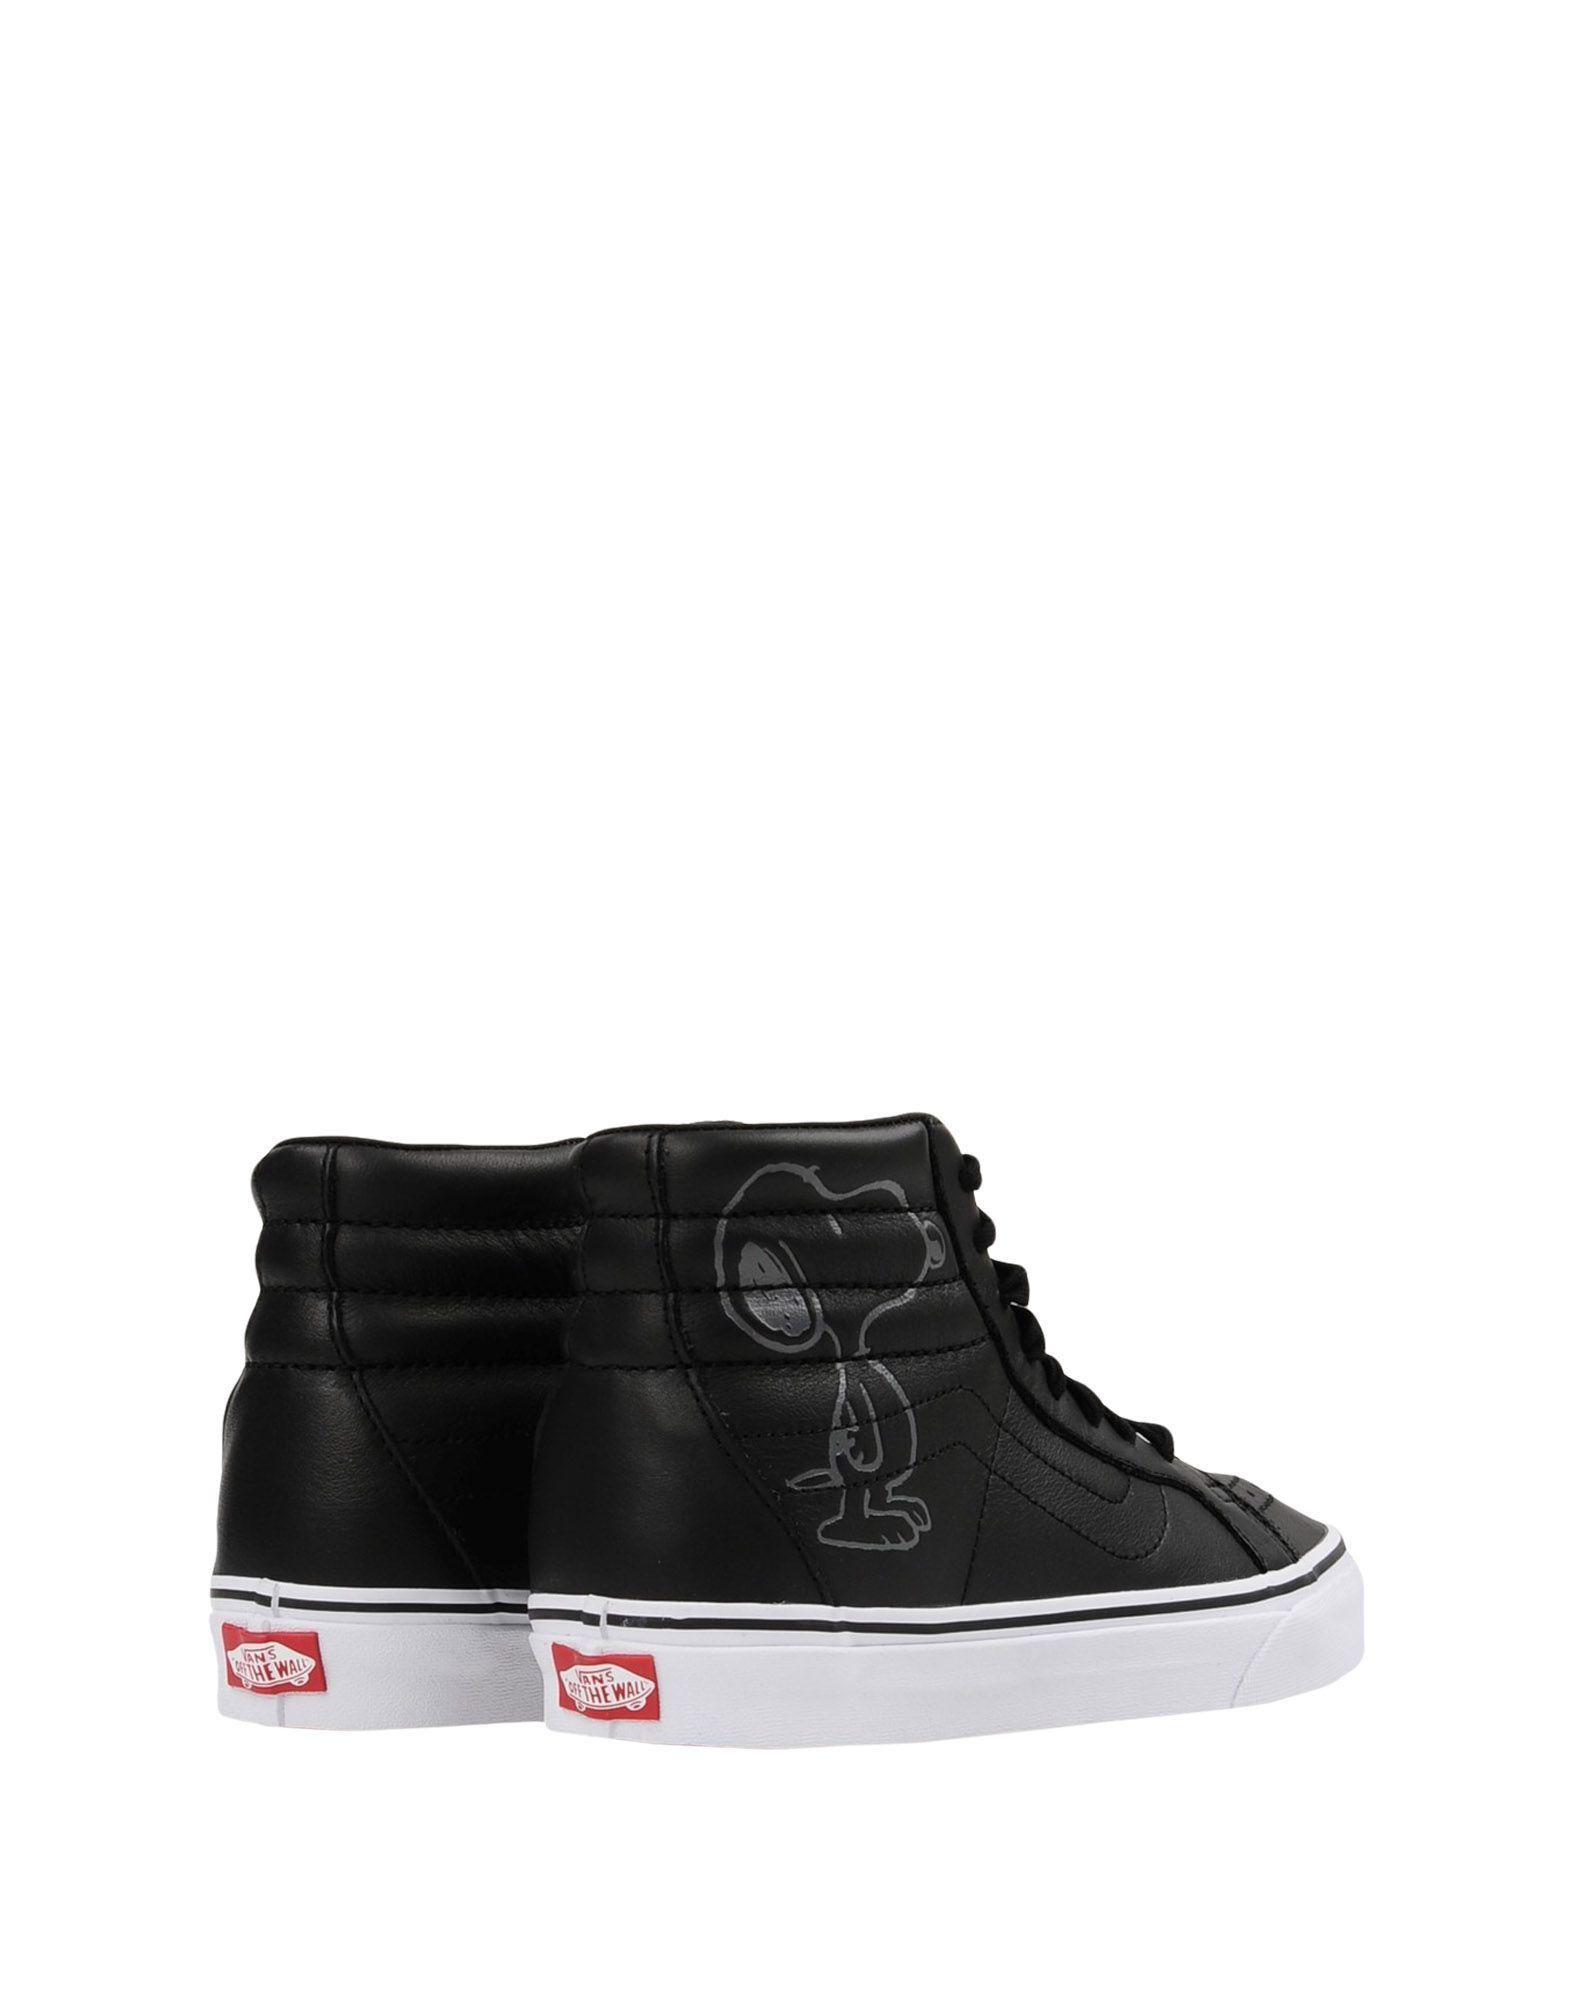 Sneakers Vans Ua Sk8-Hi Reissue - Femme - Sneakers Vans sur